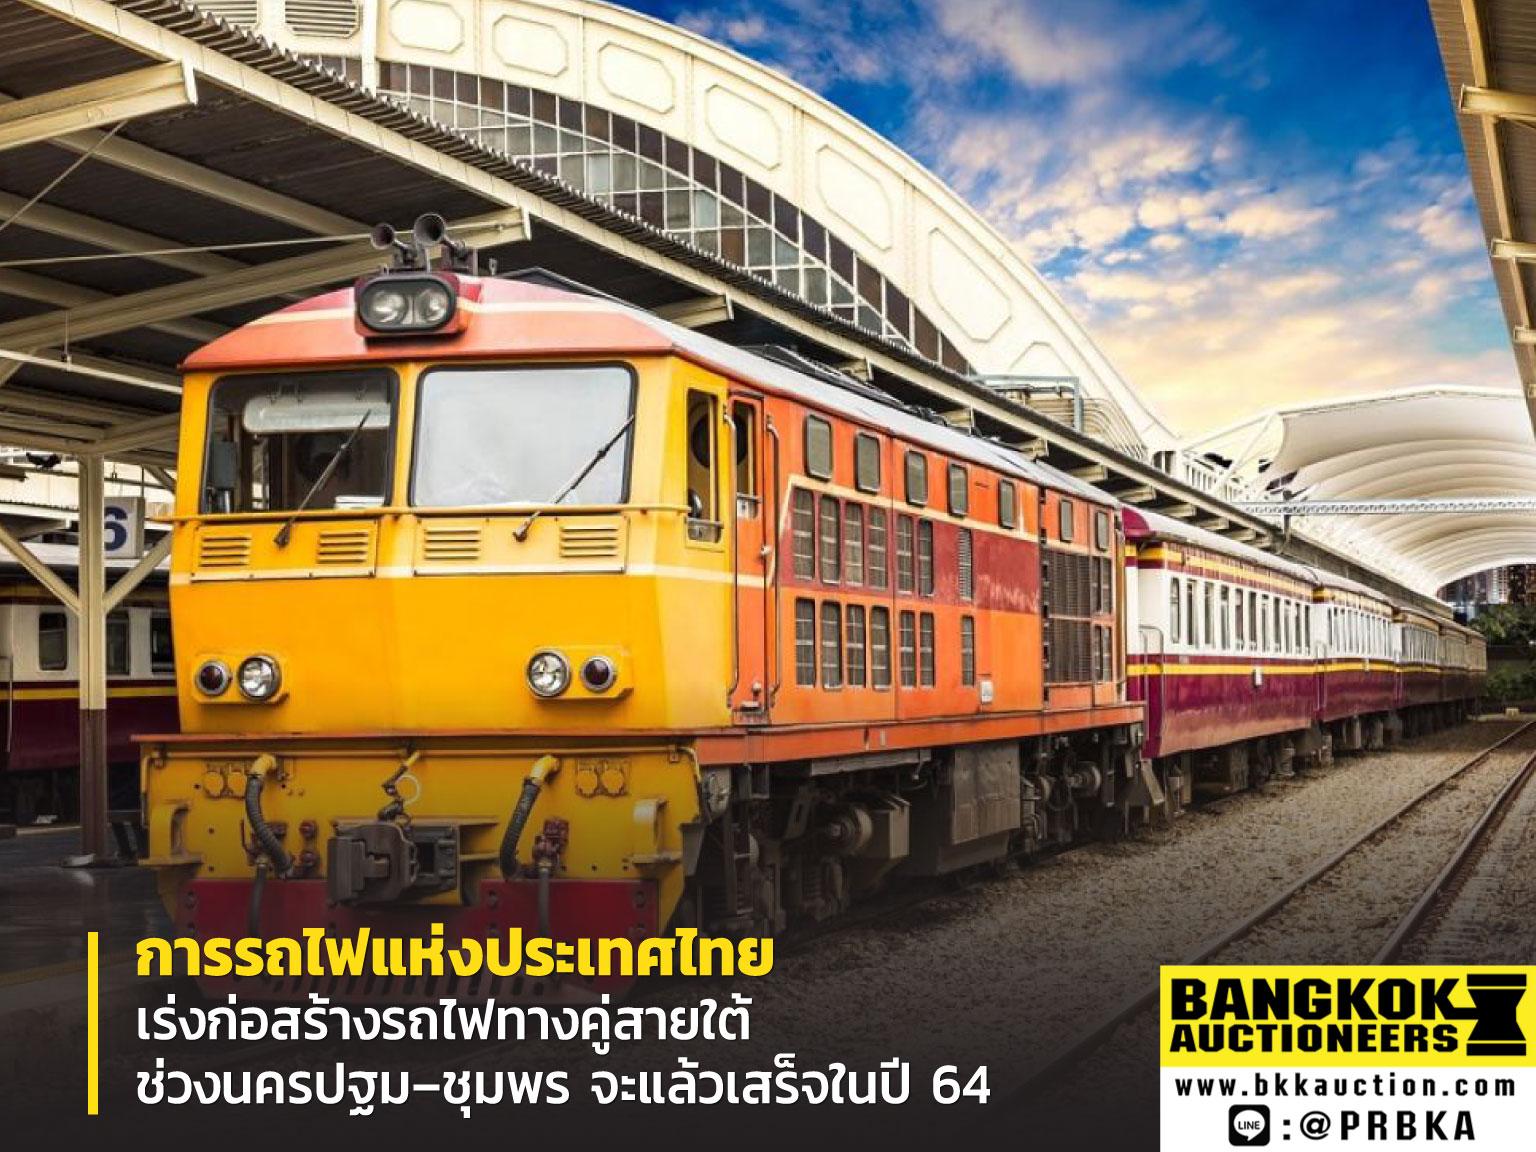 การรถไฟแห่งประเทศไทย เร่งก่อสร้างรถไฟทางคู่สายใต้